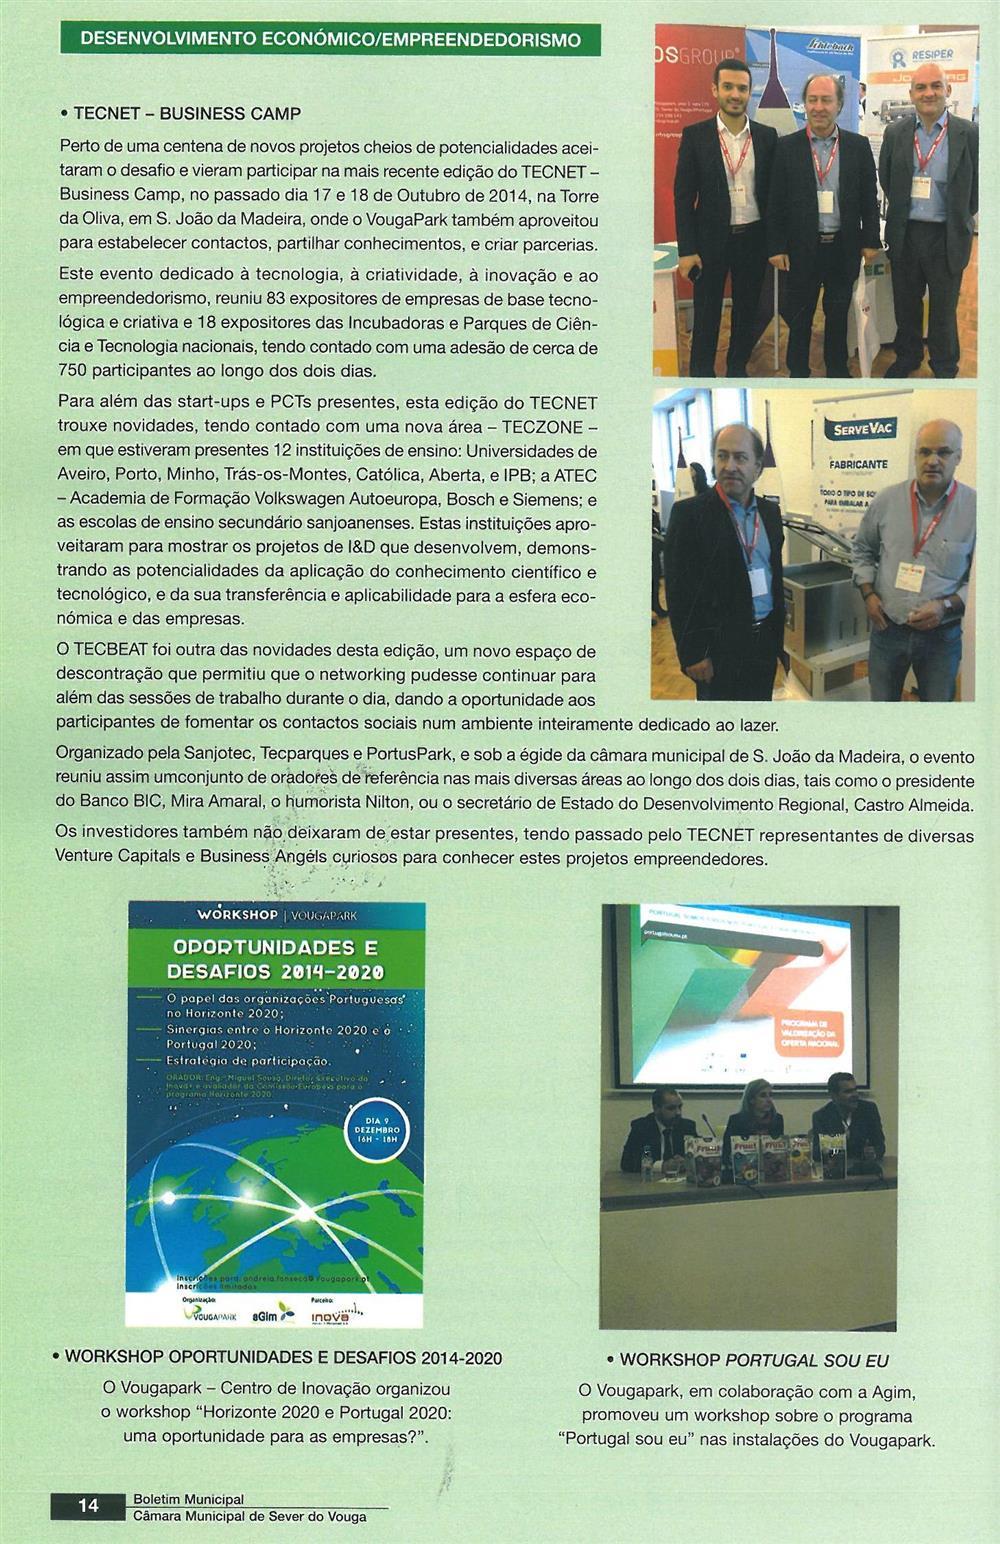 BoletimMunicipal-n.º32-nov.'15-p.14-VougaPark [6.ª parte de sete] : desenvolvimento económico : empreendedorismo.jpg